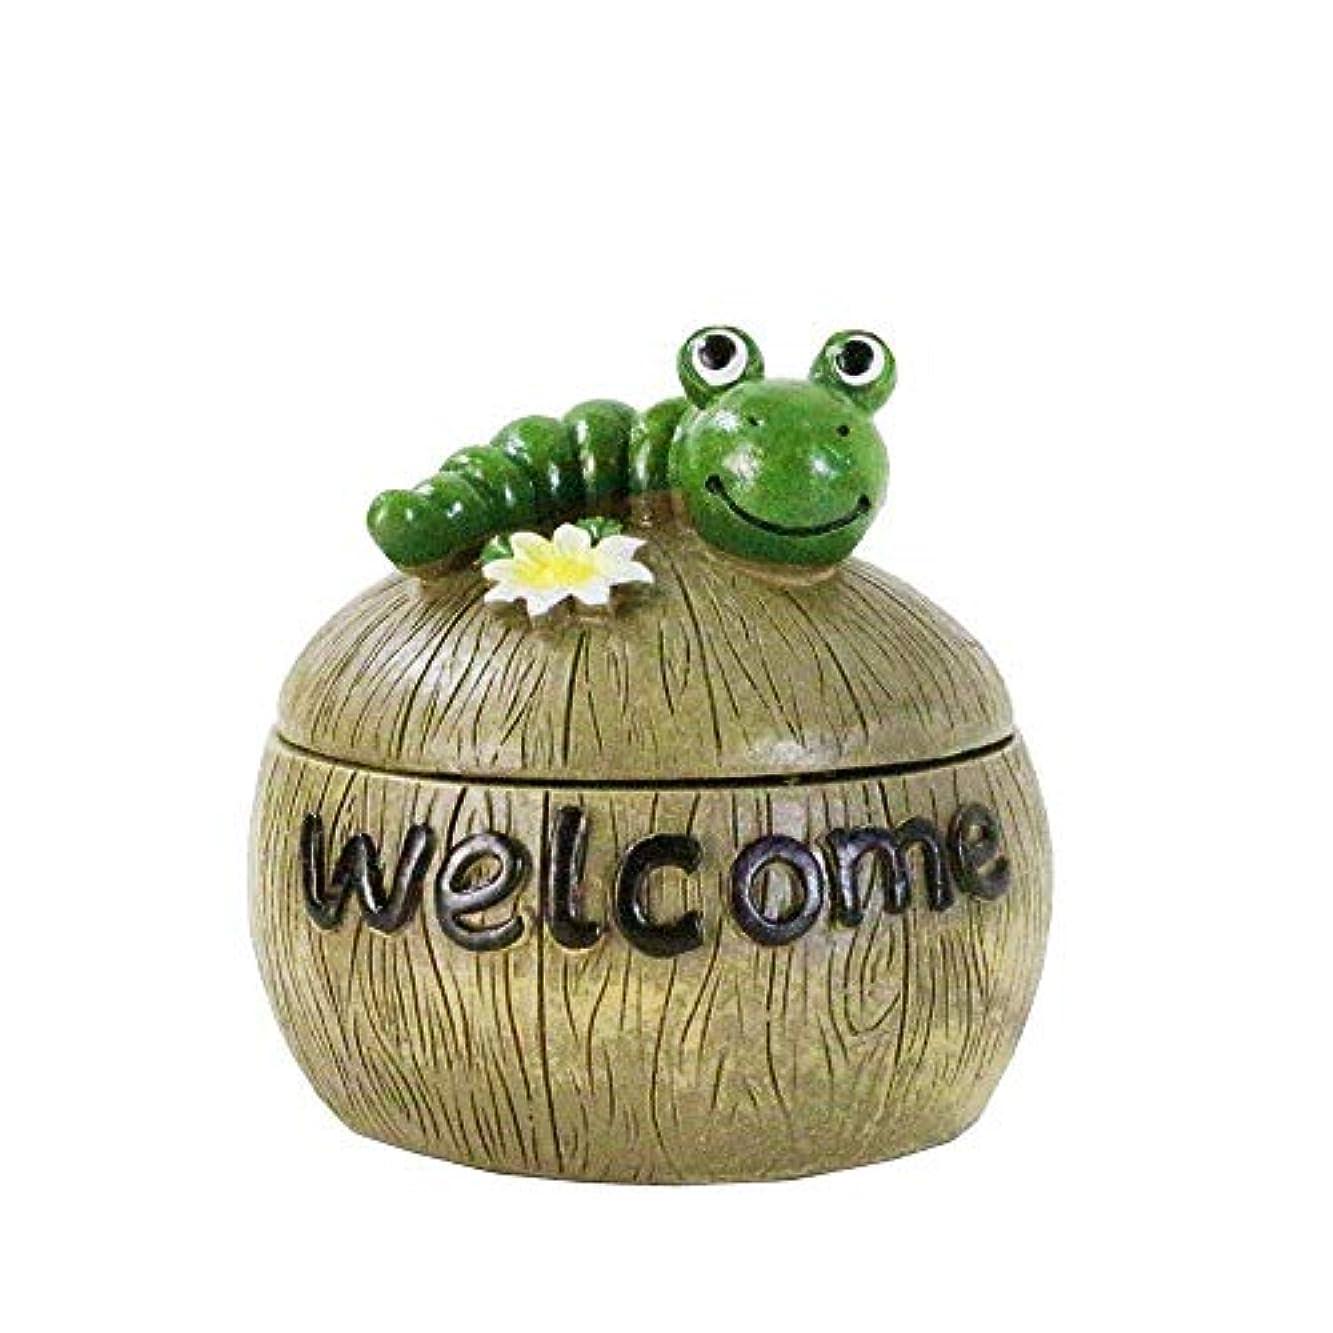 ルール委員会宇宙タバコの灰皿蓋の装飾と創造的なキャタピラーの灰皿